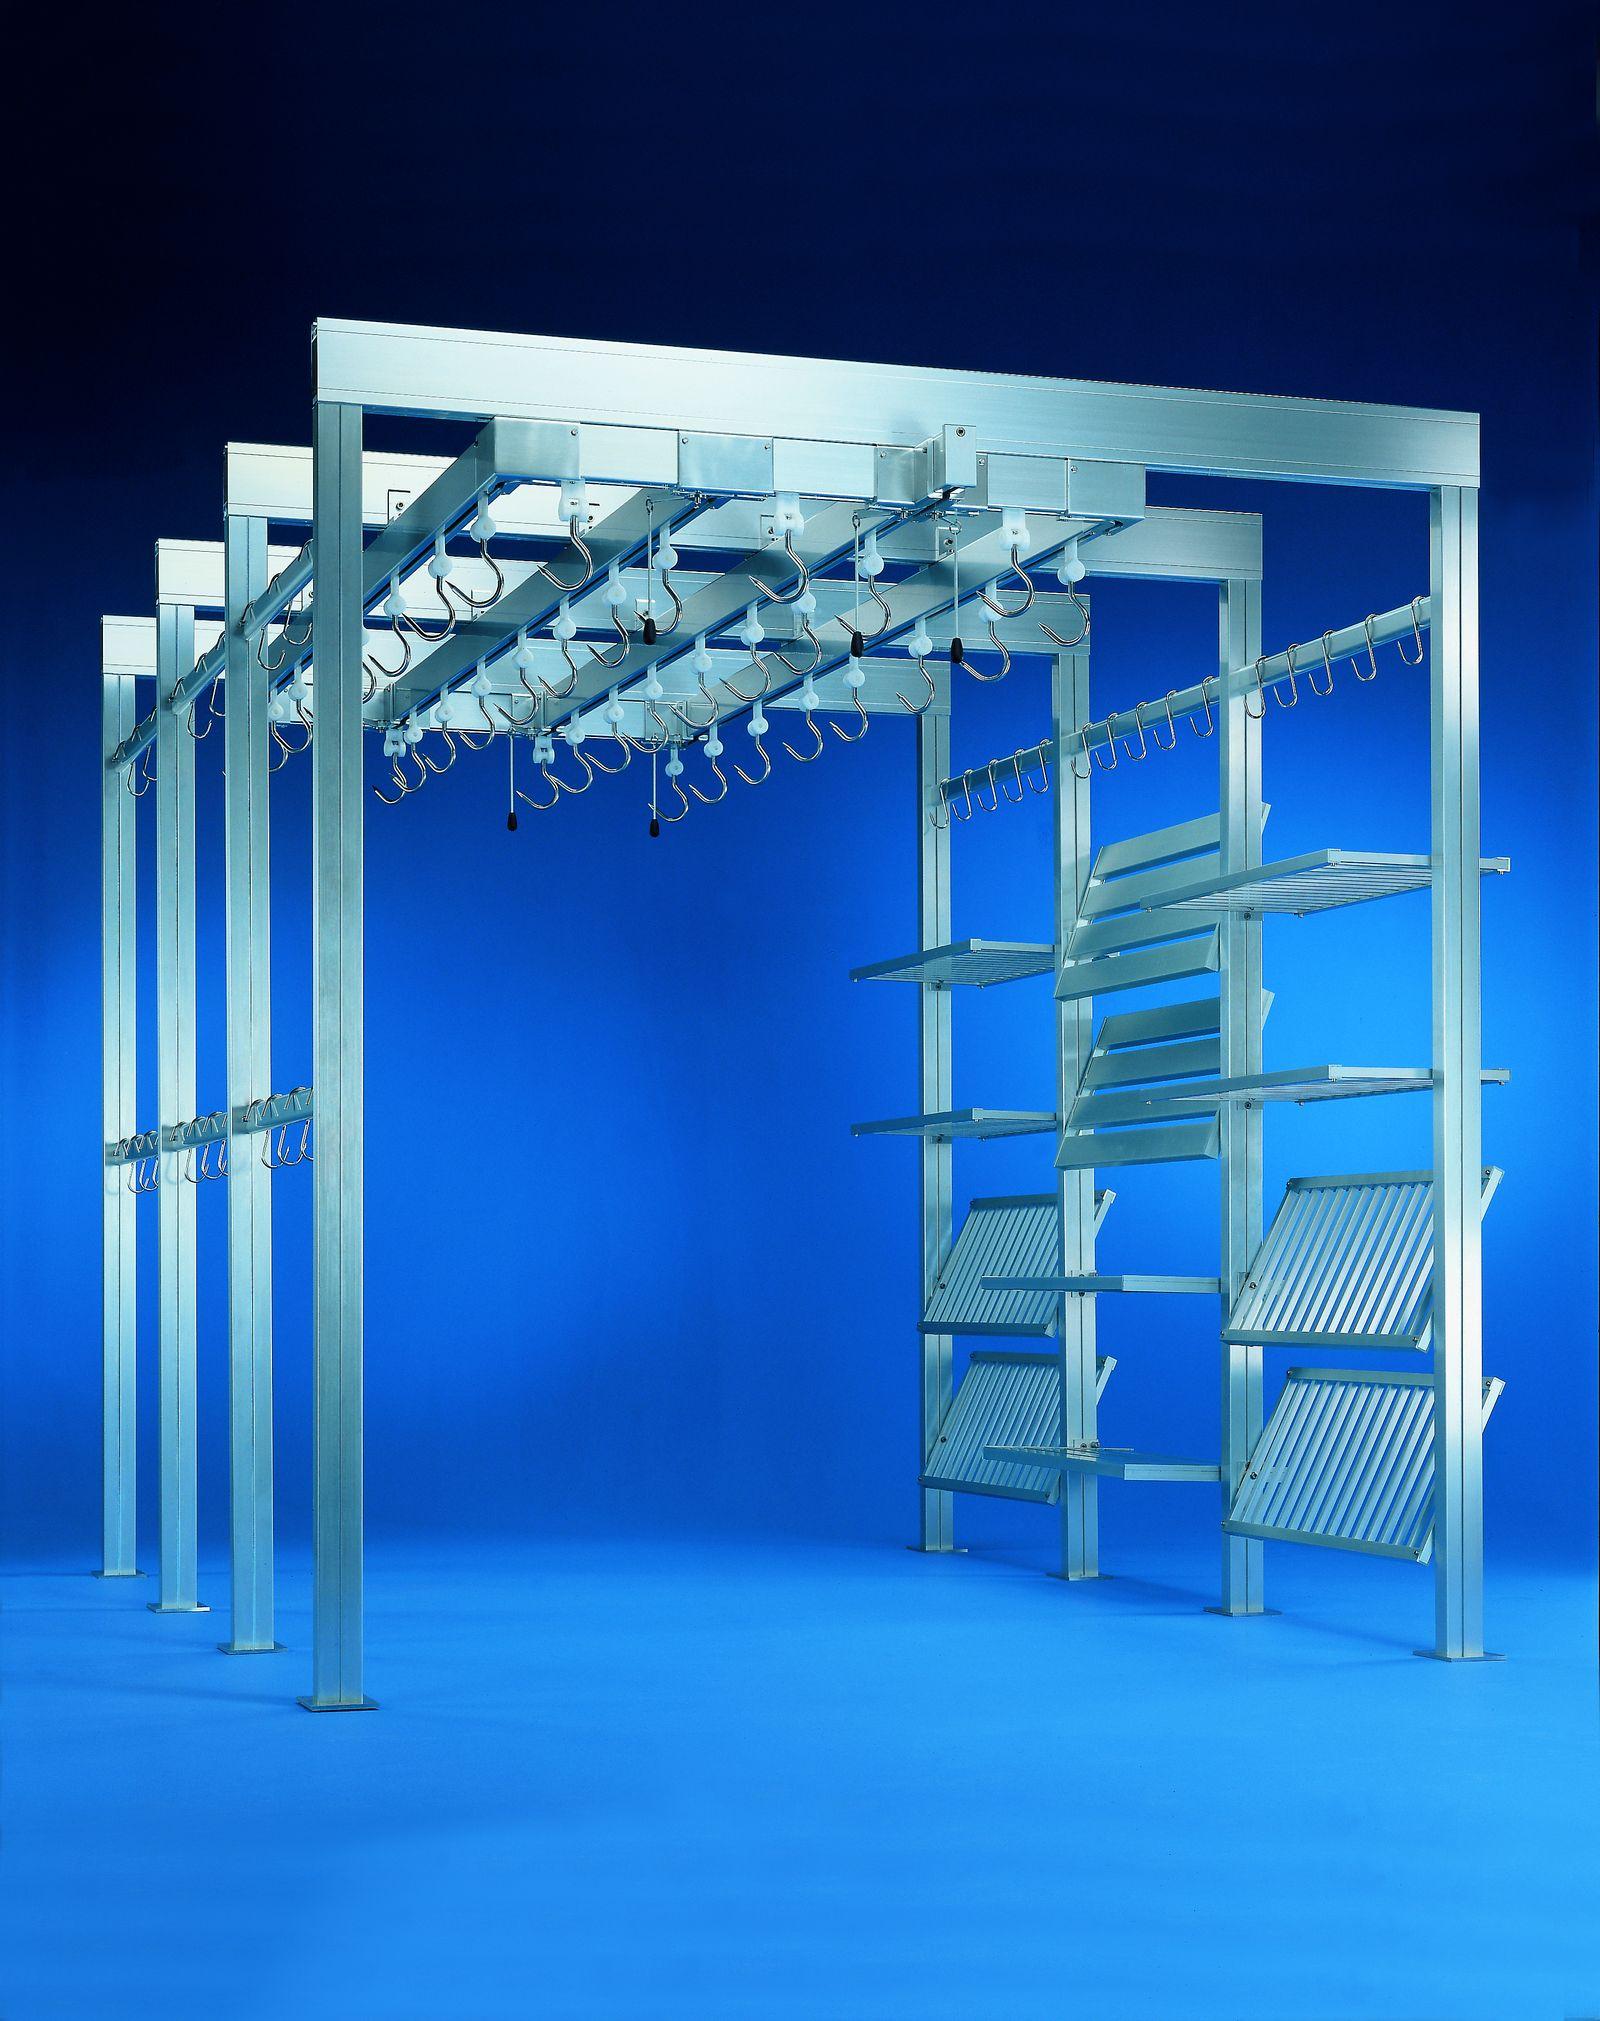 guidovie modulari autoportanti per celle frigorifere